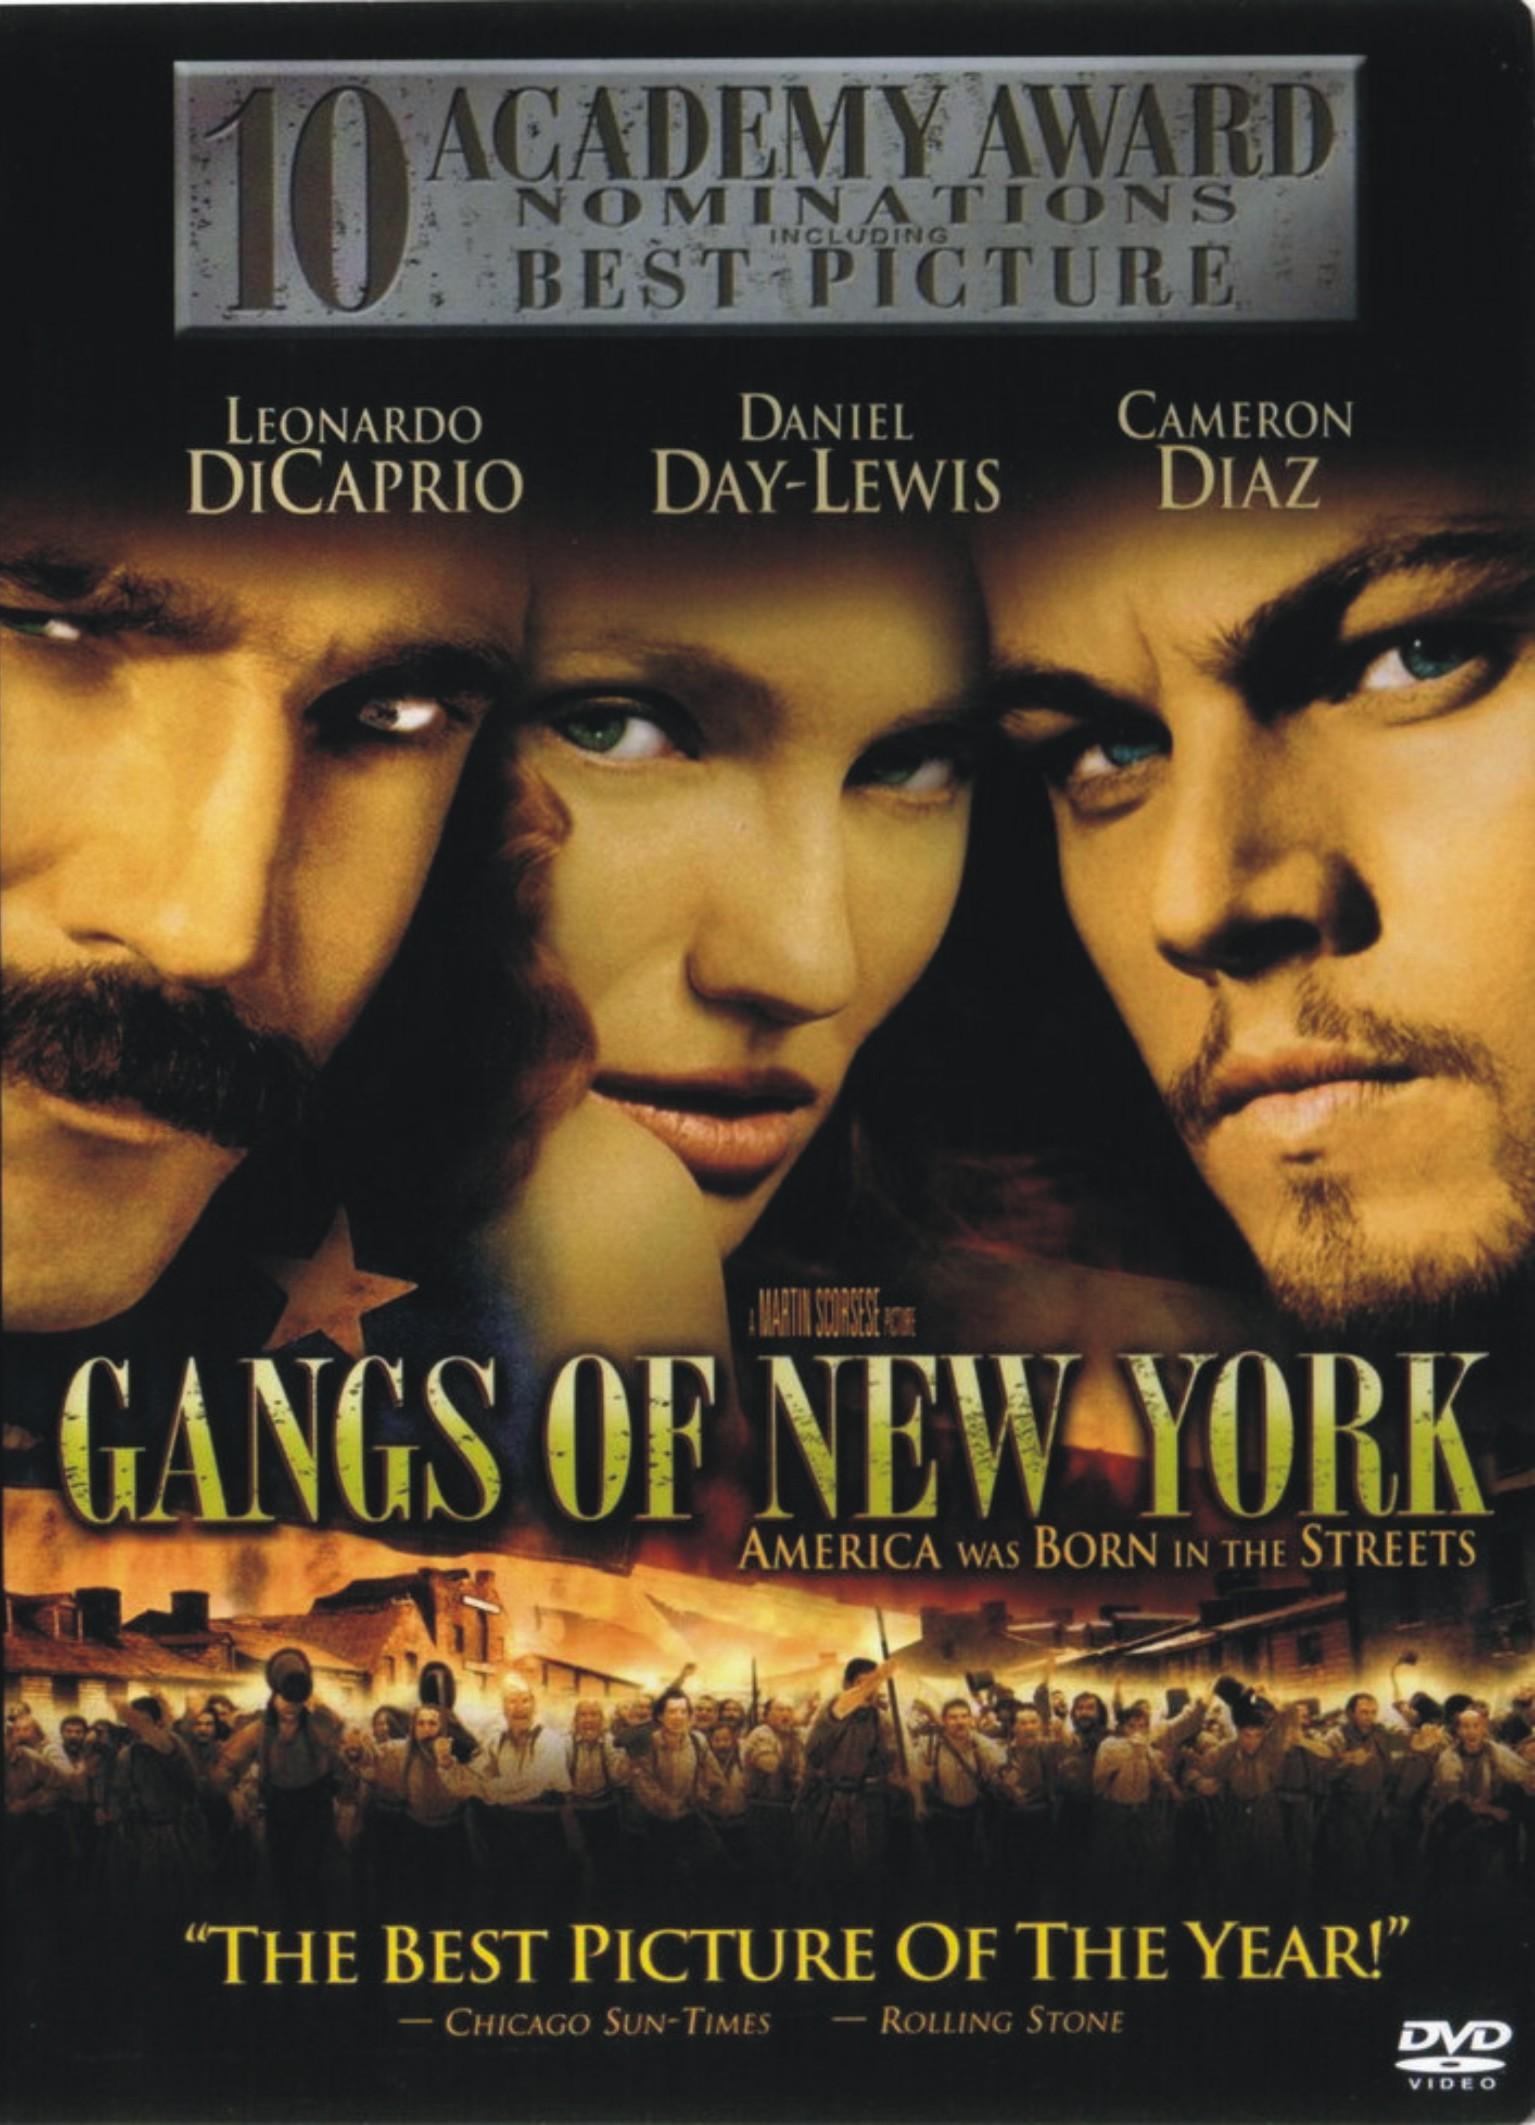 دارو دسته نيويوركي (لئوناردو دي كاپريو)